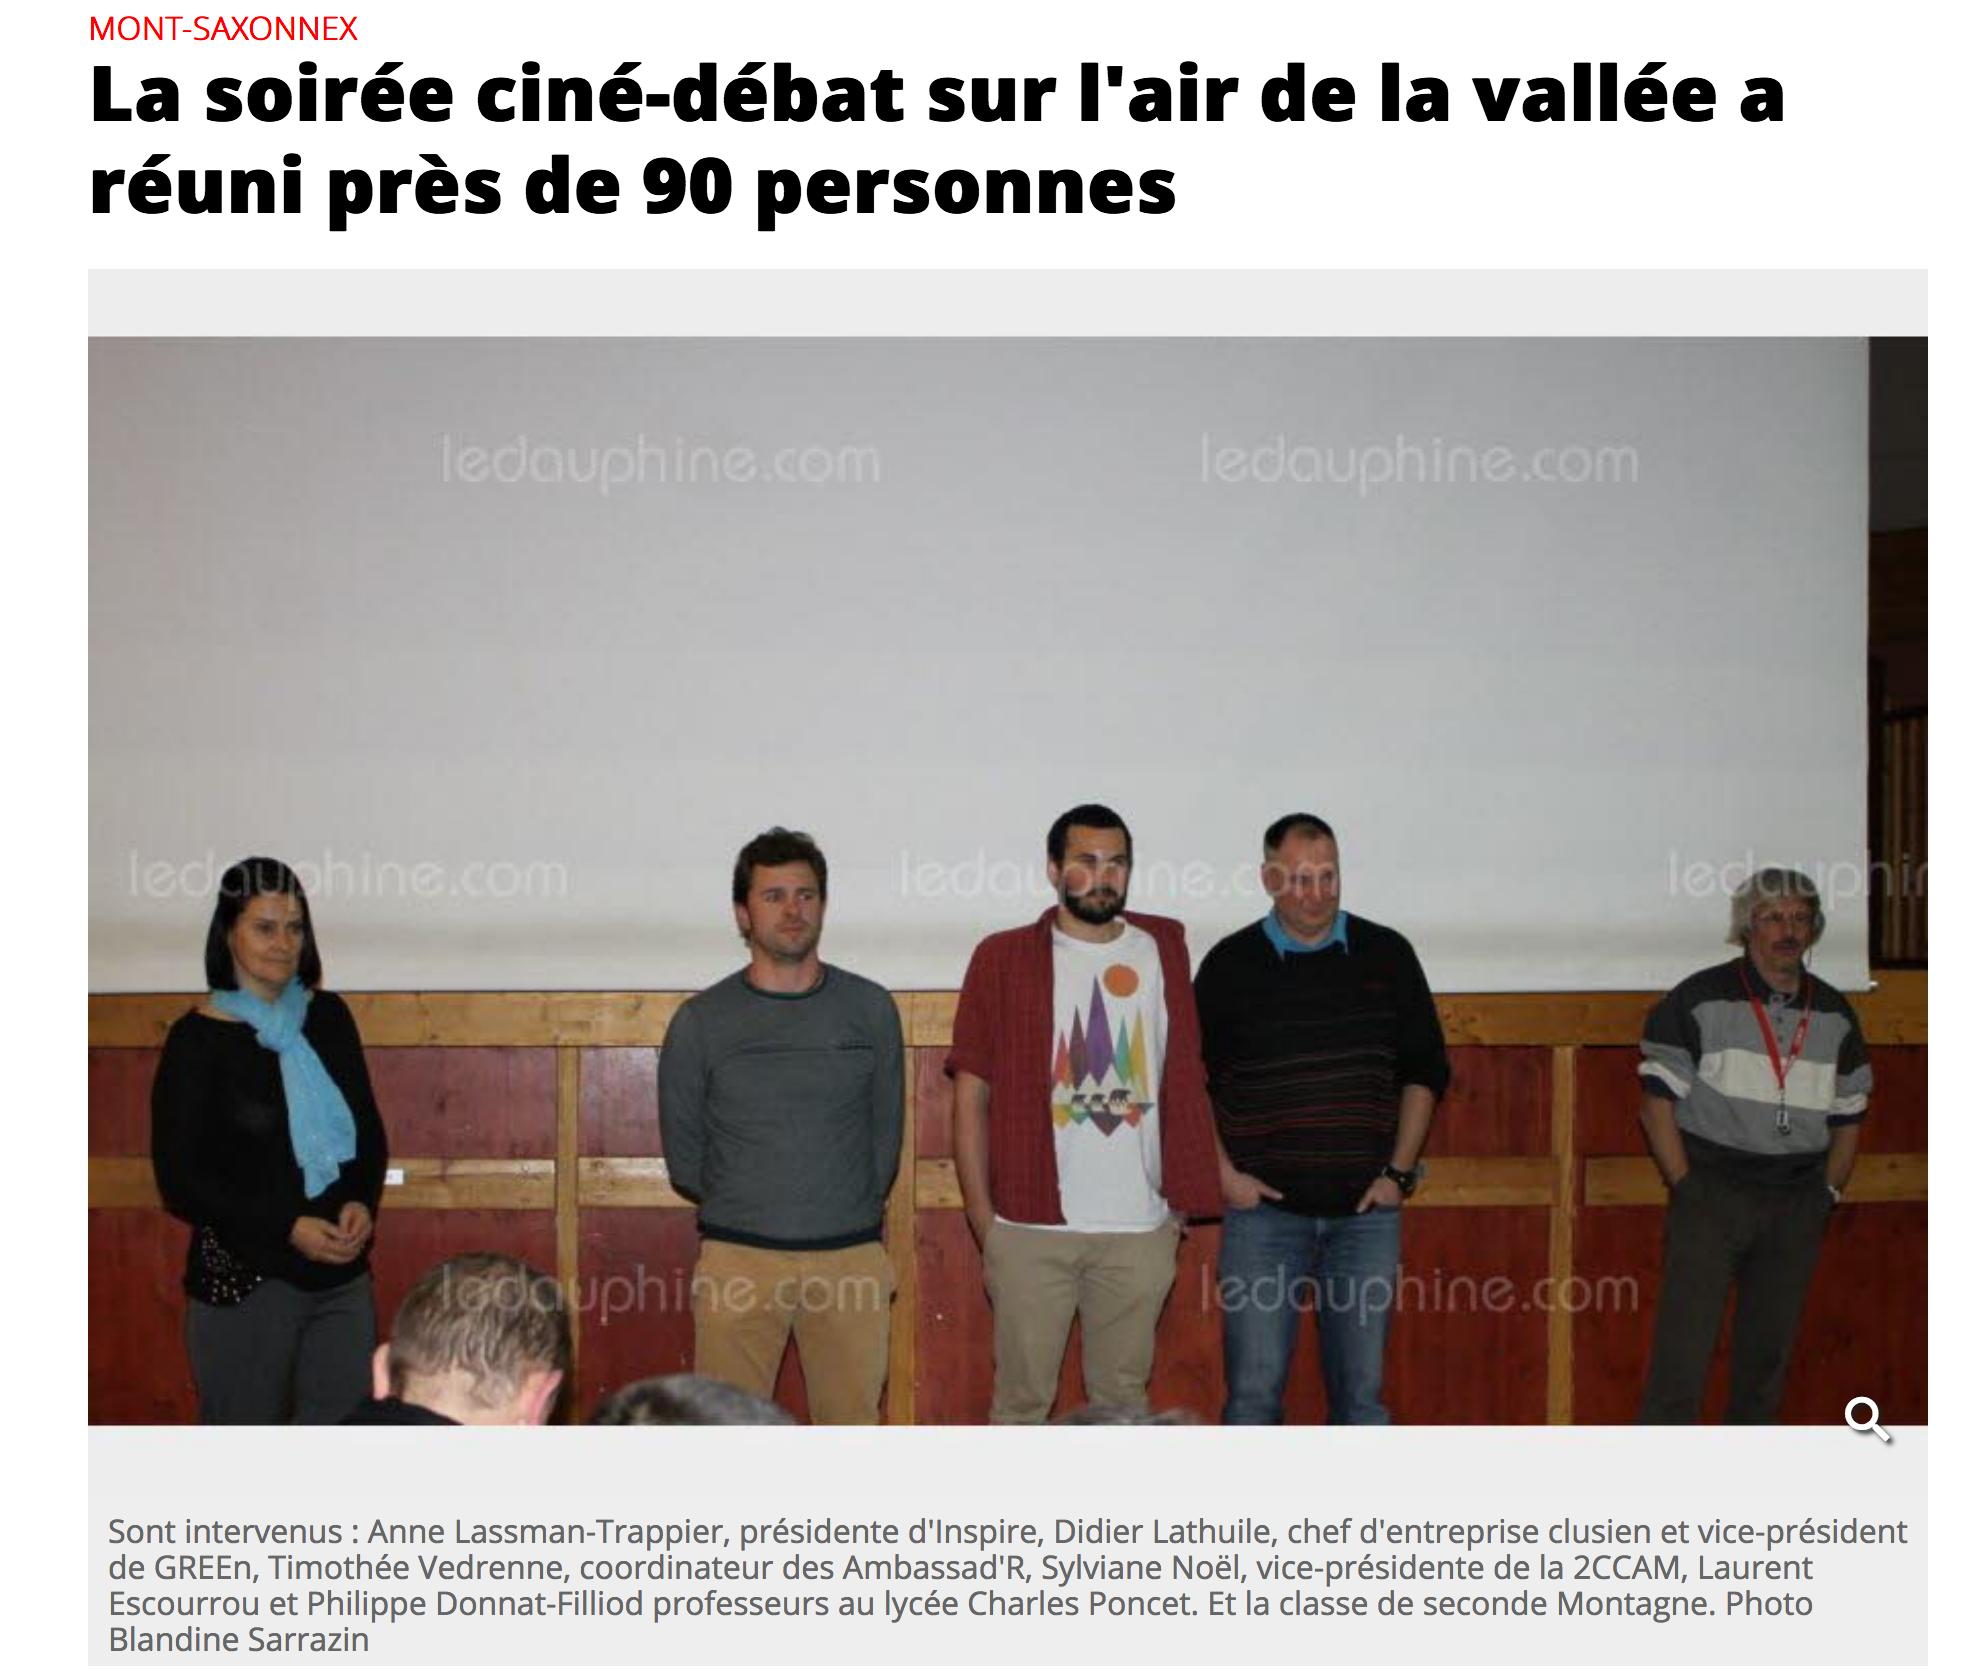 Pollution_dans_la_vallée_de_l_Arve_(Haute-Savoie)_les_associations_dressent_une_feuille_de_route_-_France_3_Auvergne-Rhône-Alpes_-_2018-01-31_19.34.22.png